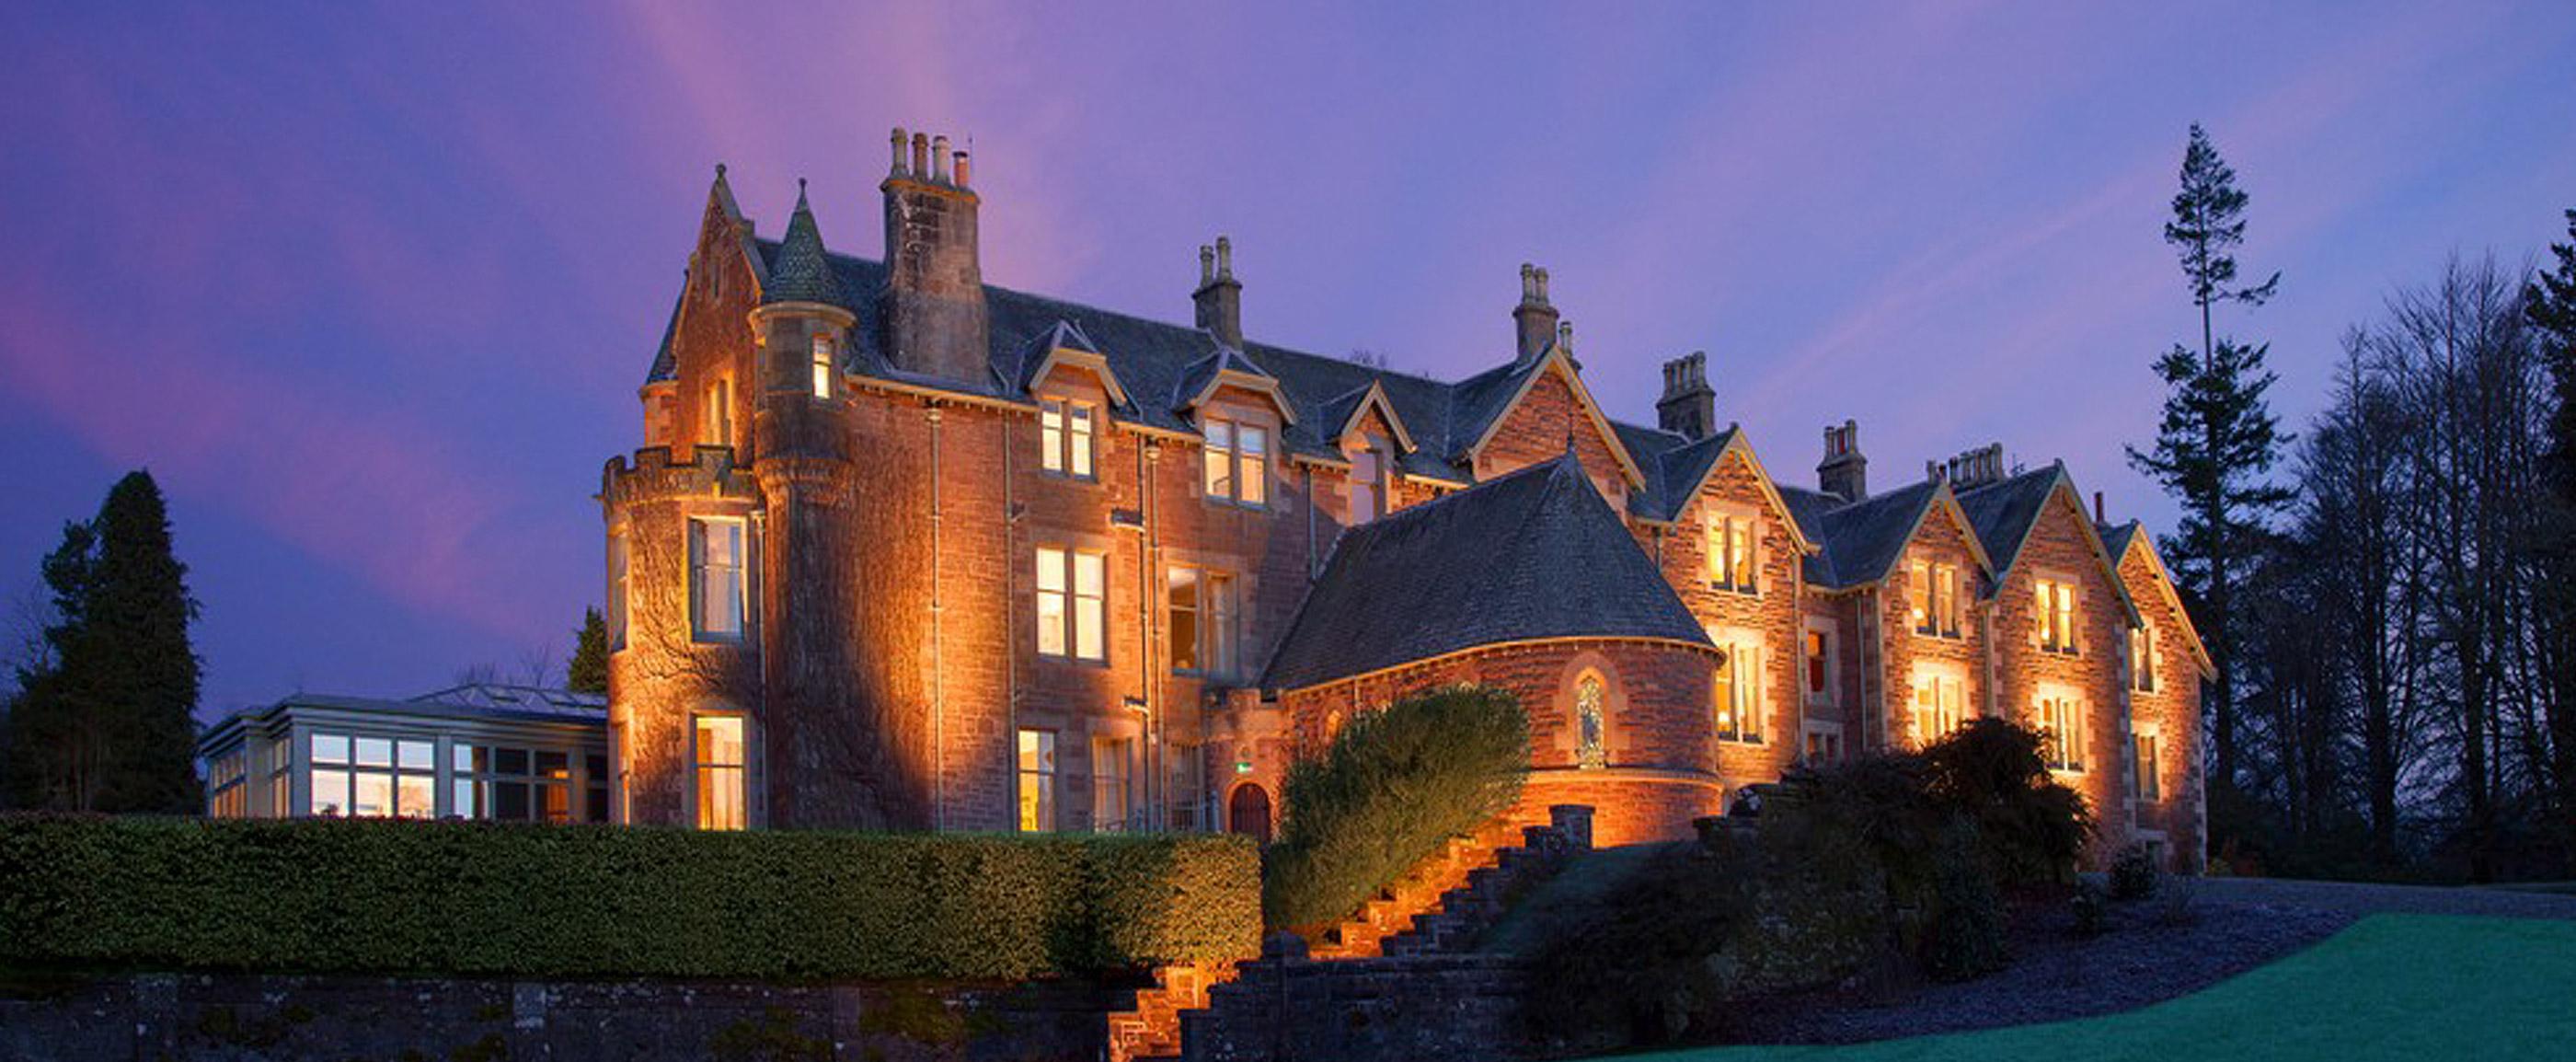 Photo of Cromlix House Hotel illuminated at dusk